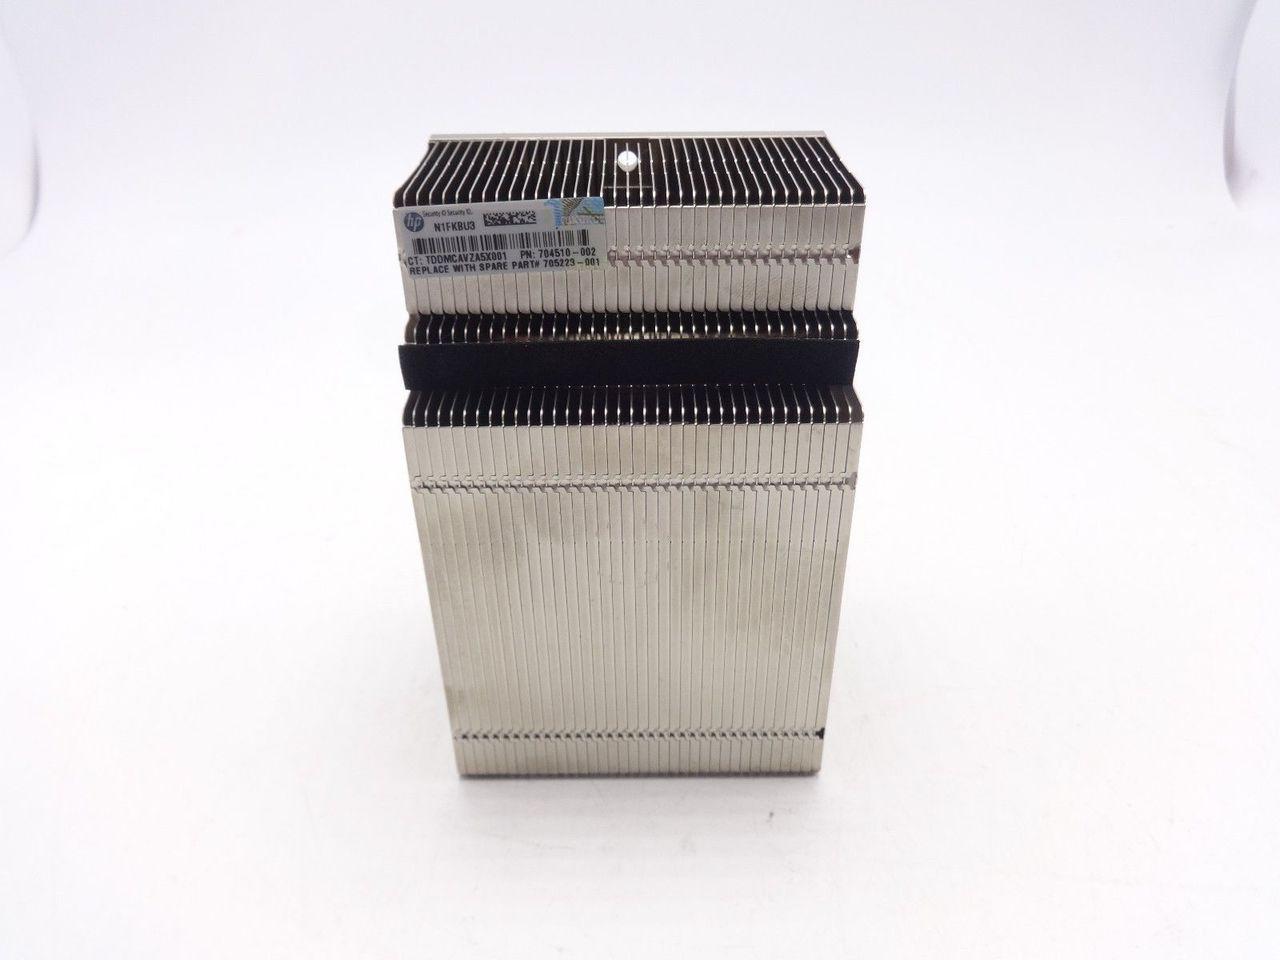 Hp 679333-001 HP DL385P Gen8 Heatsink